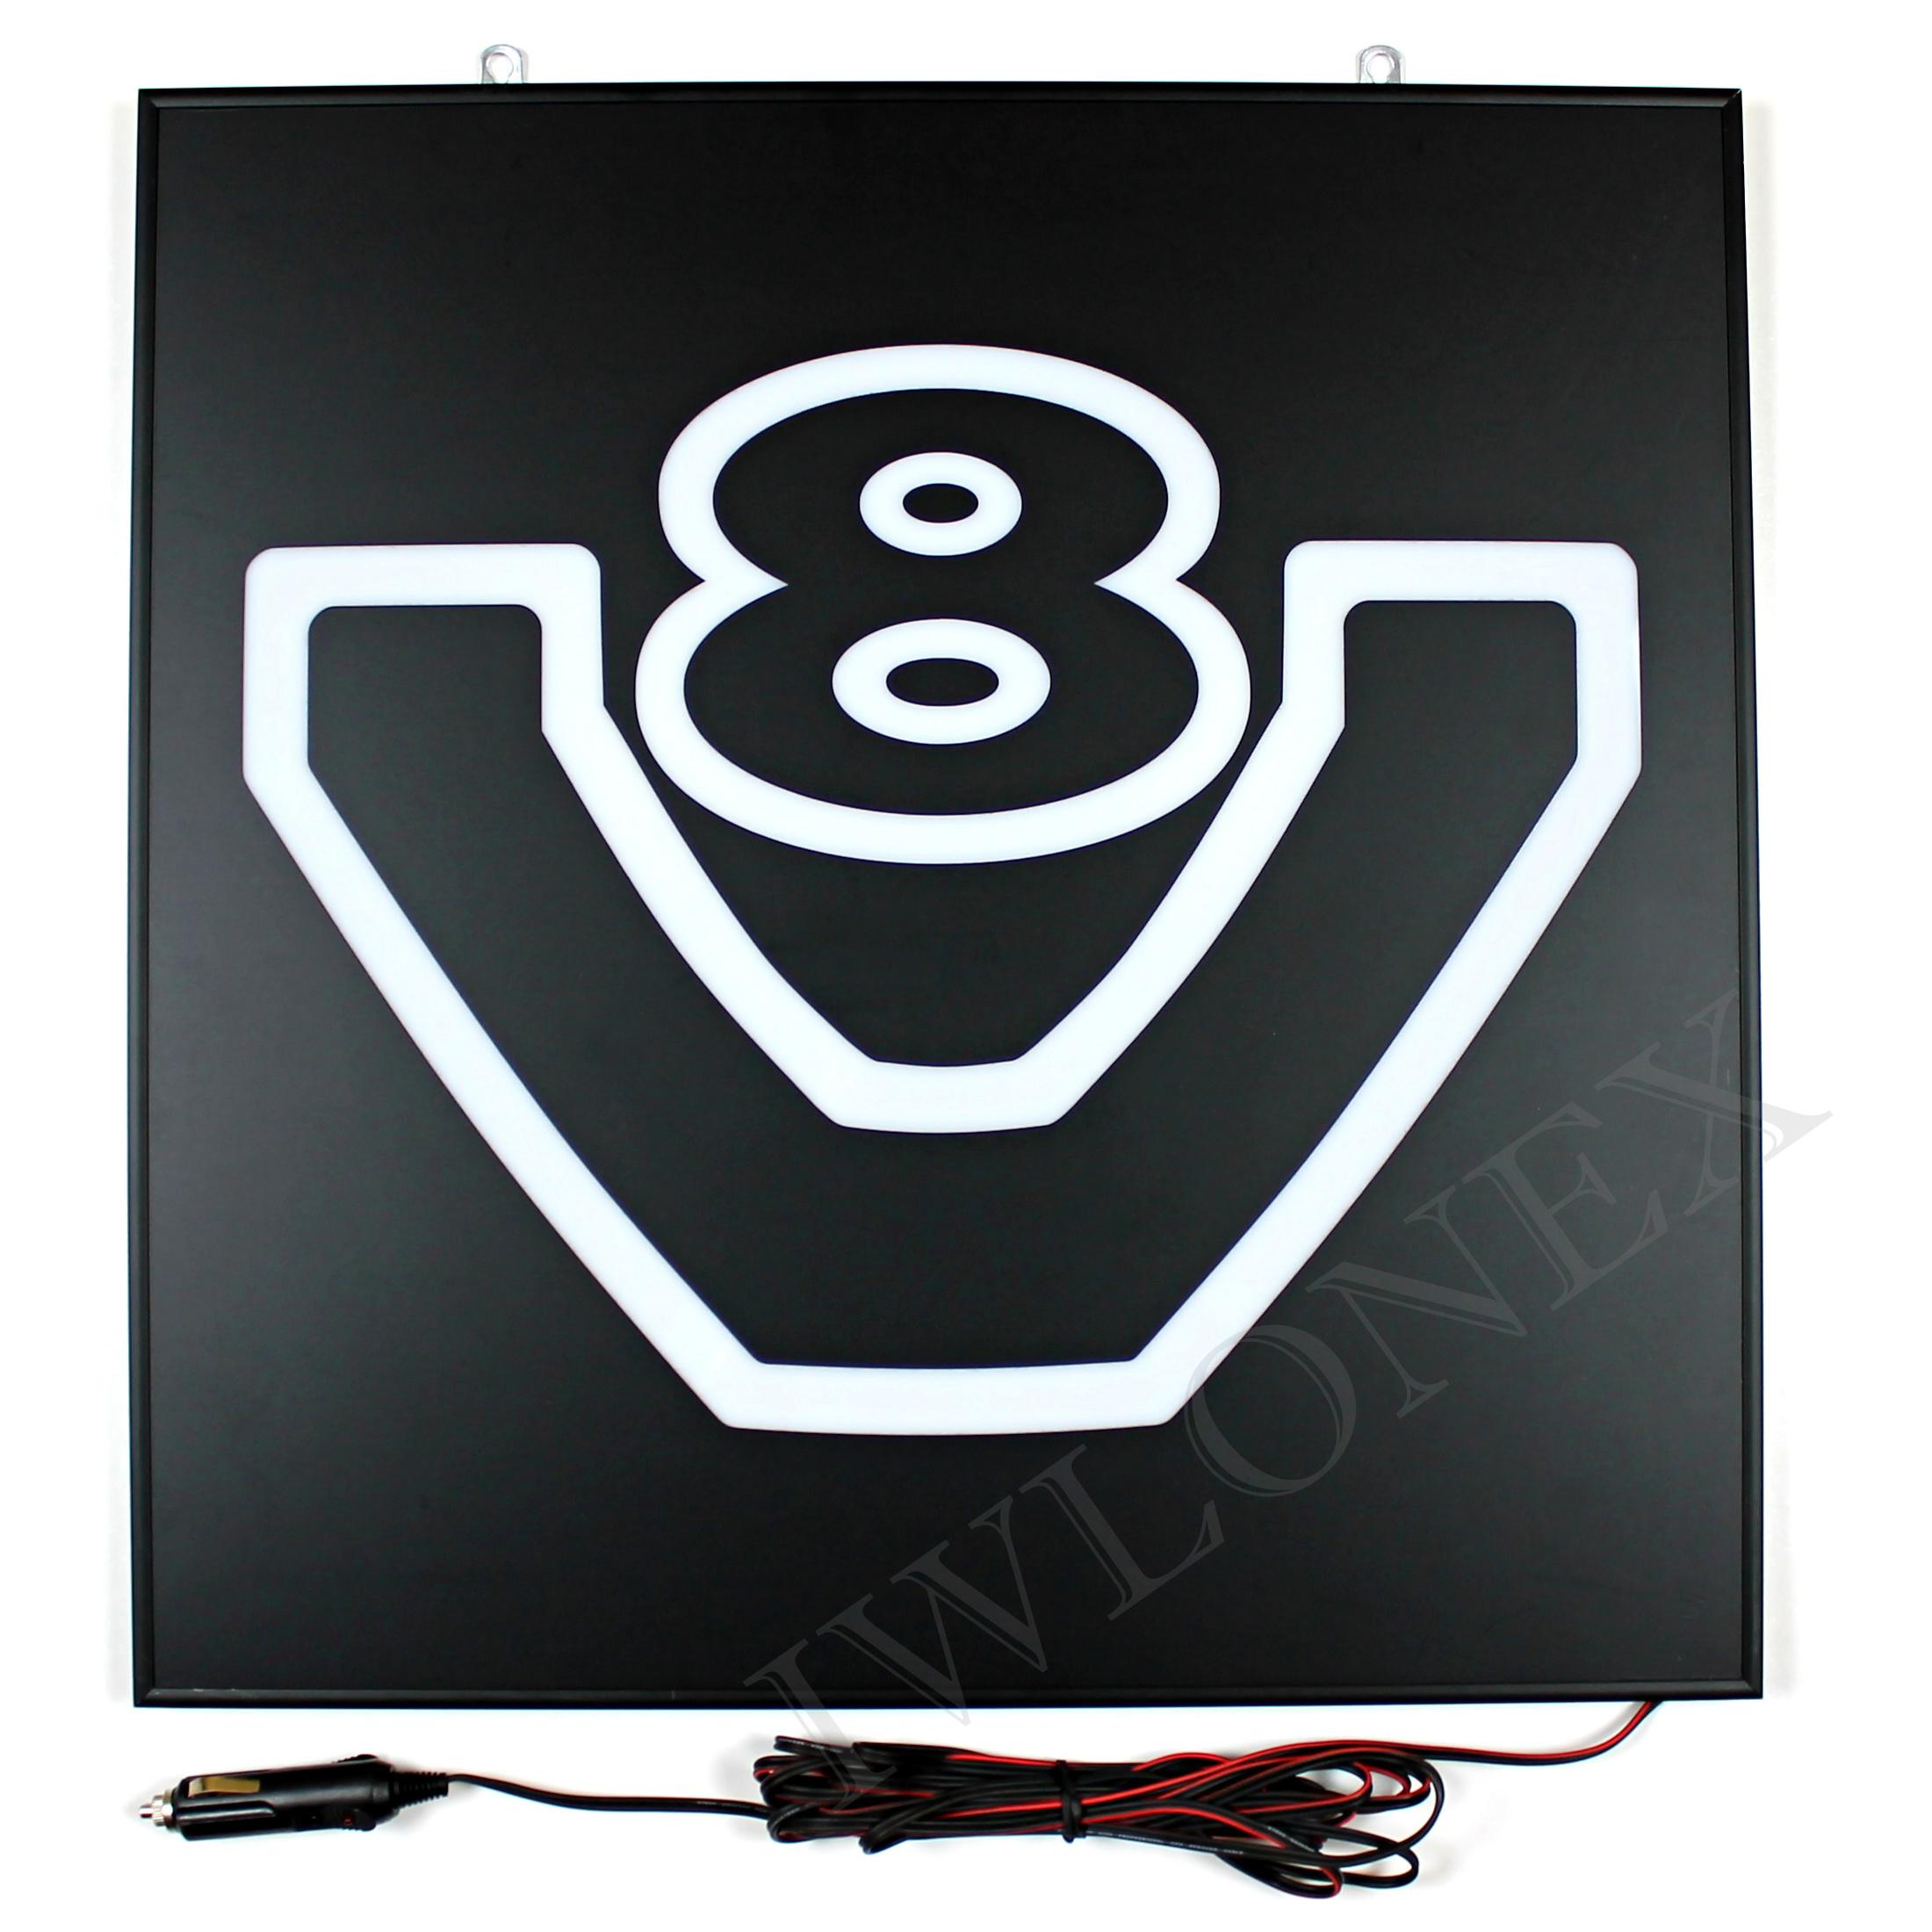 Lkw Beleuchtung Led | 1 X Lkw Led Ruckwandschild 24v Fur Scania Iwlonex